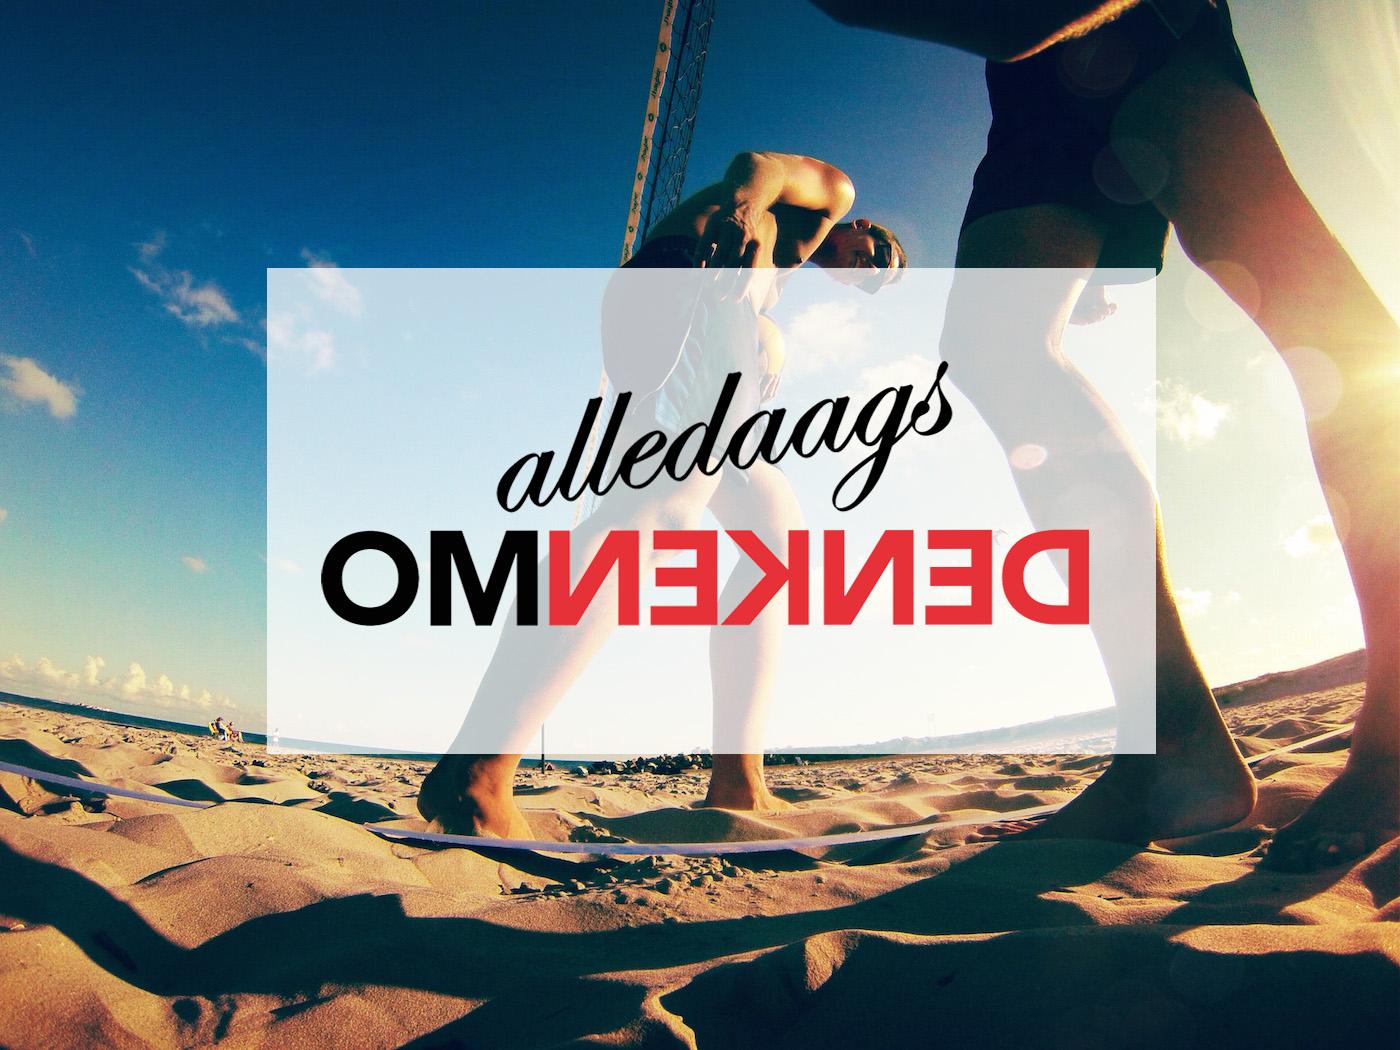 Alledaags omdenken: beachvolleybal